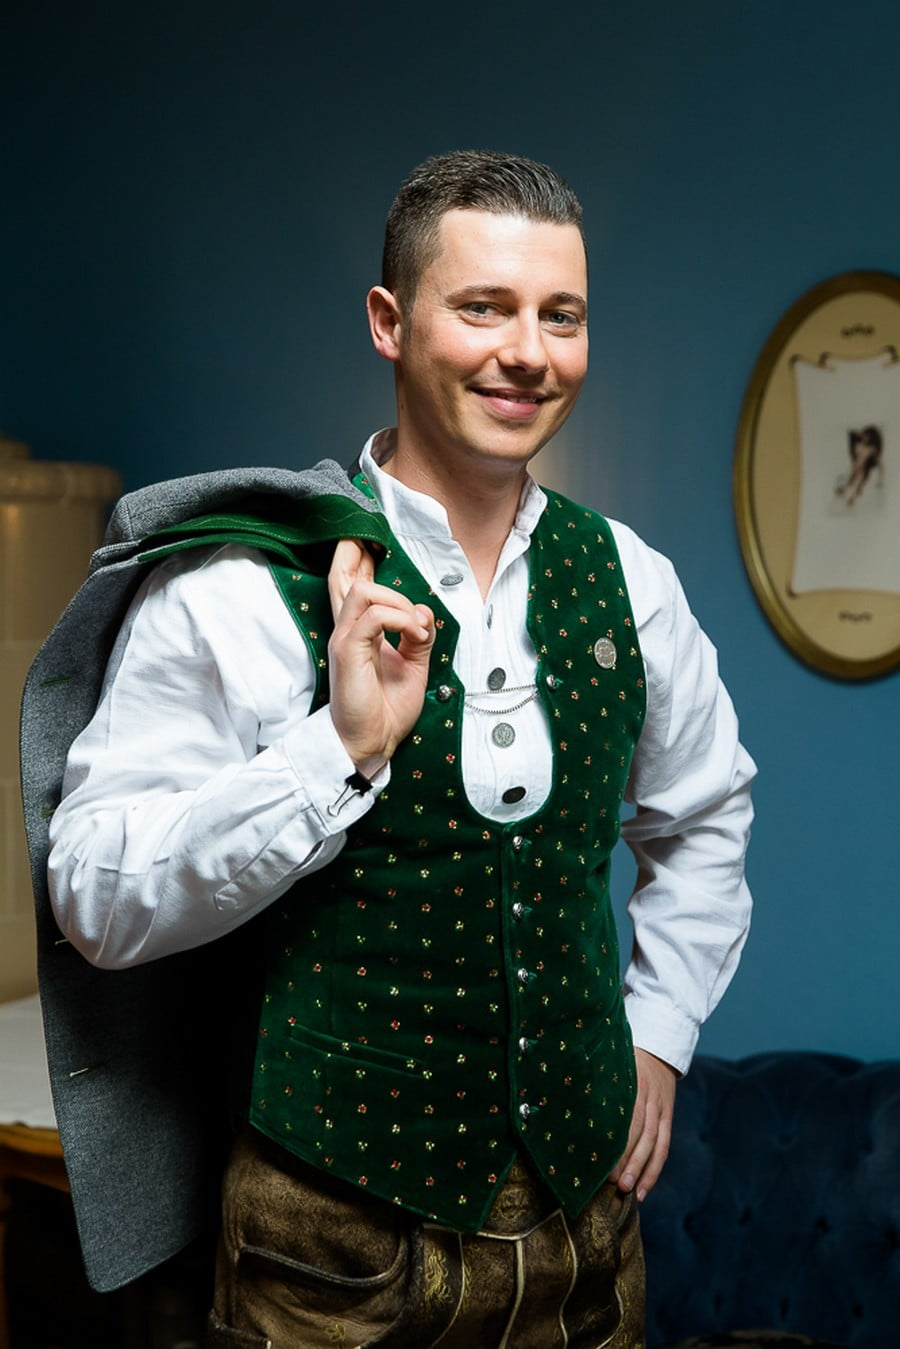 Bräutigam in bayerischer Tracht mit grüner Samtweste